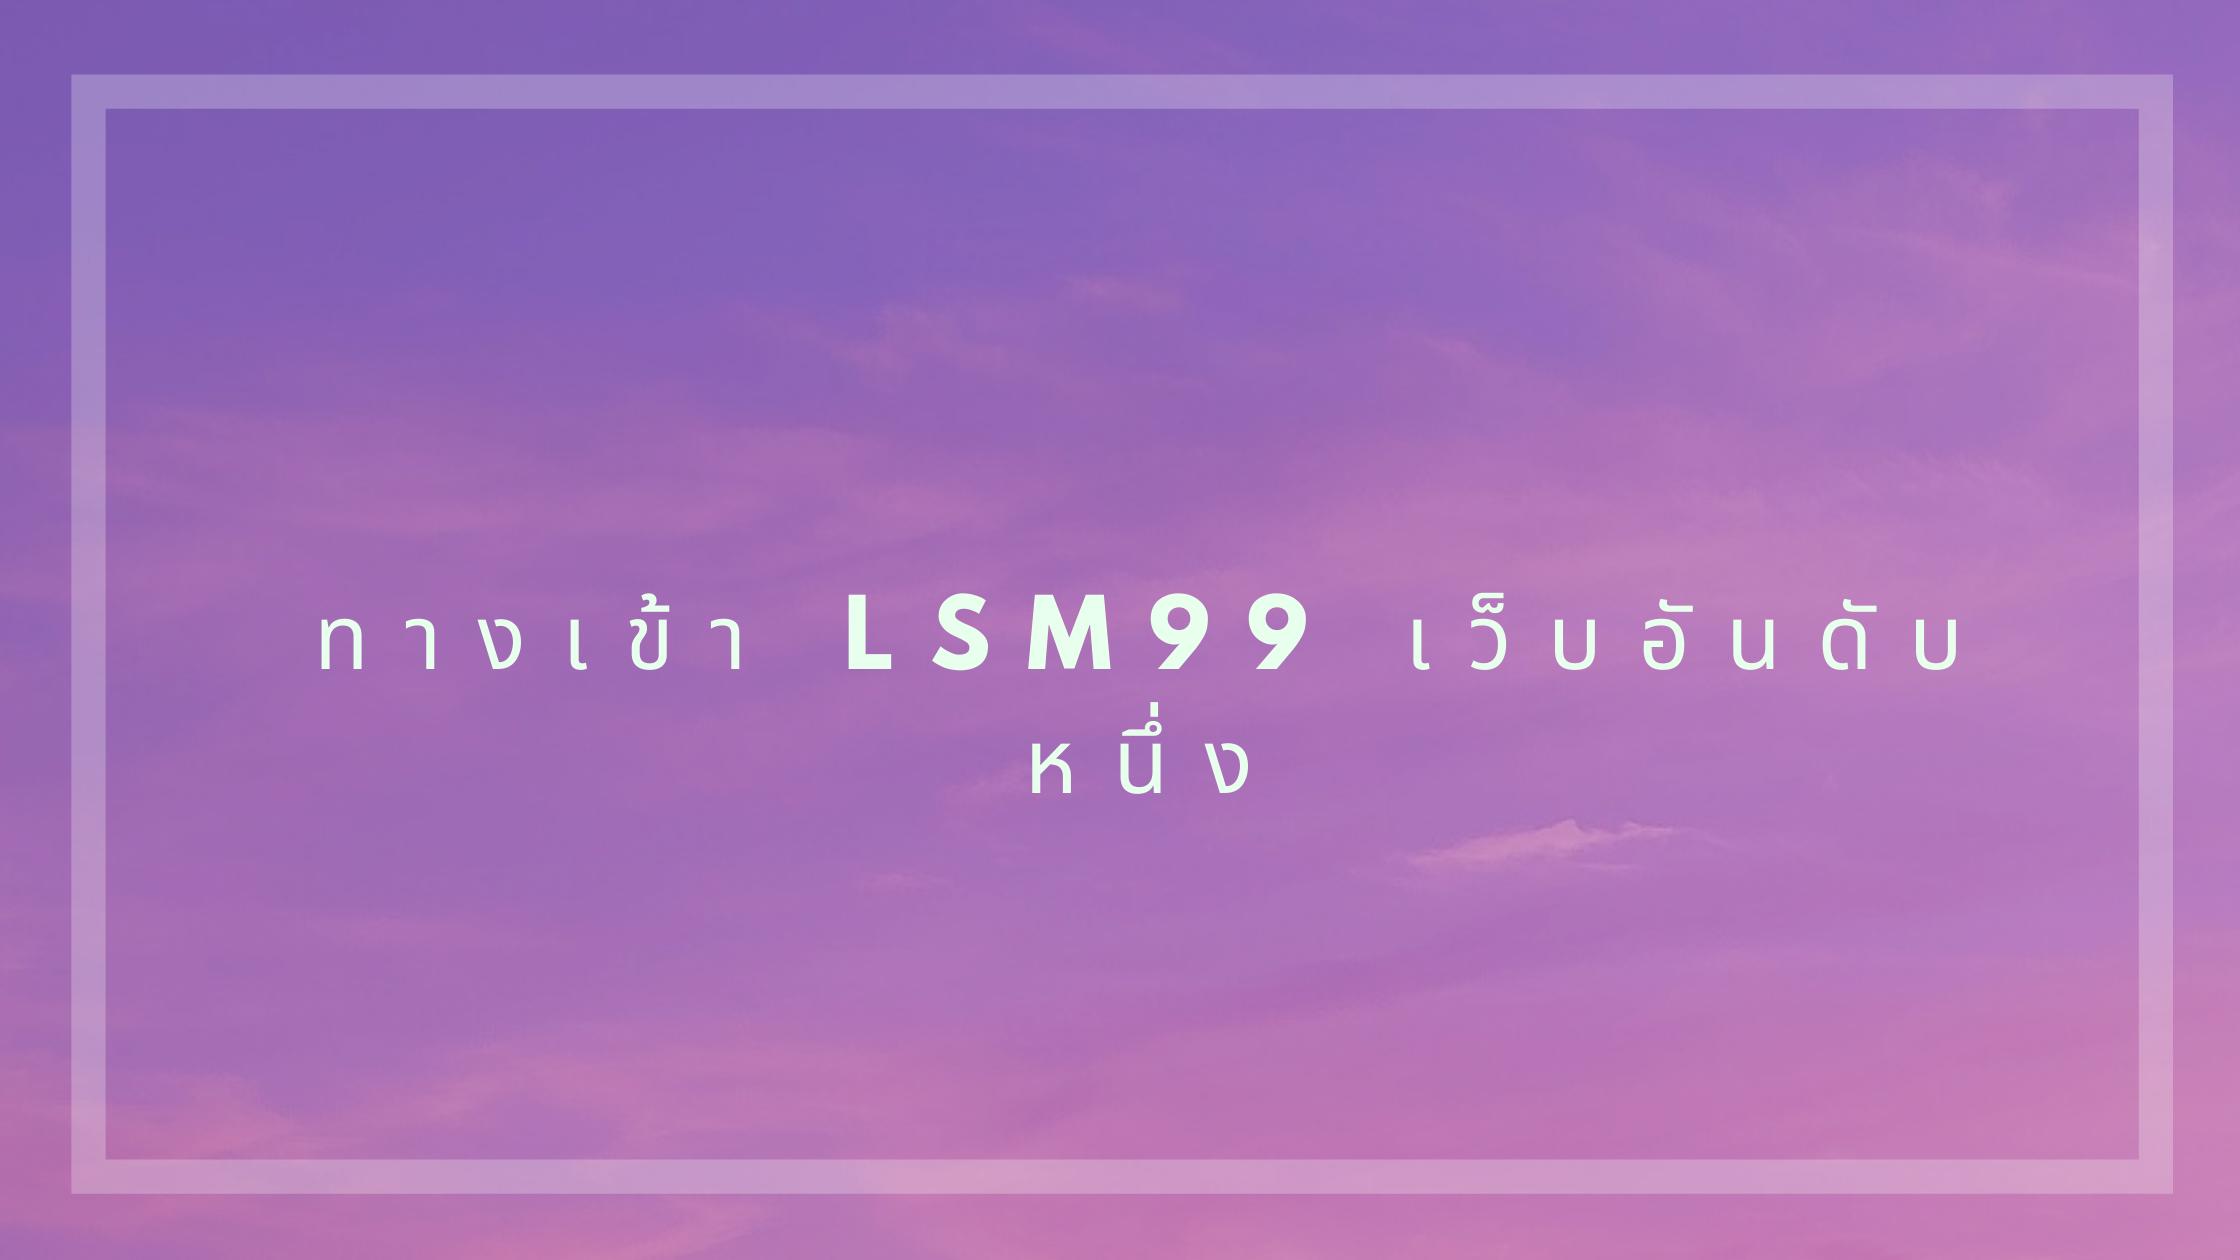 ทางเข้า lsm99 เว็บอันดับหนึ่ง